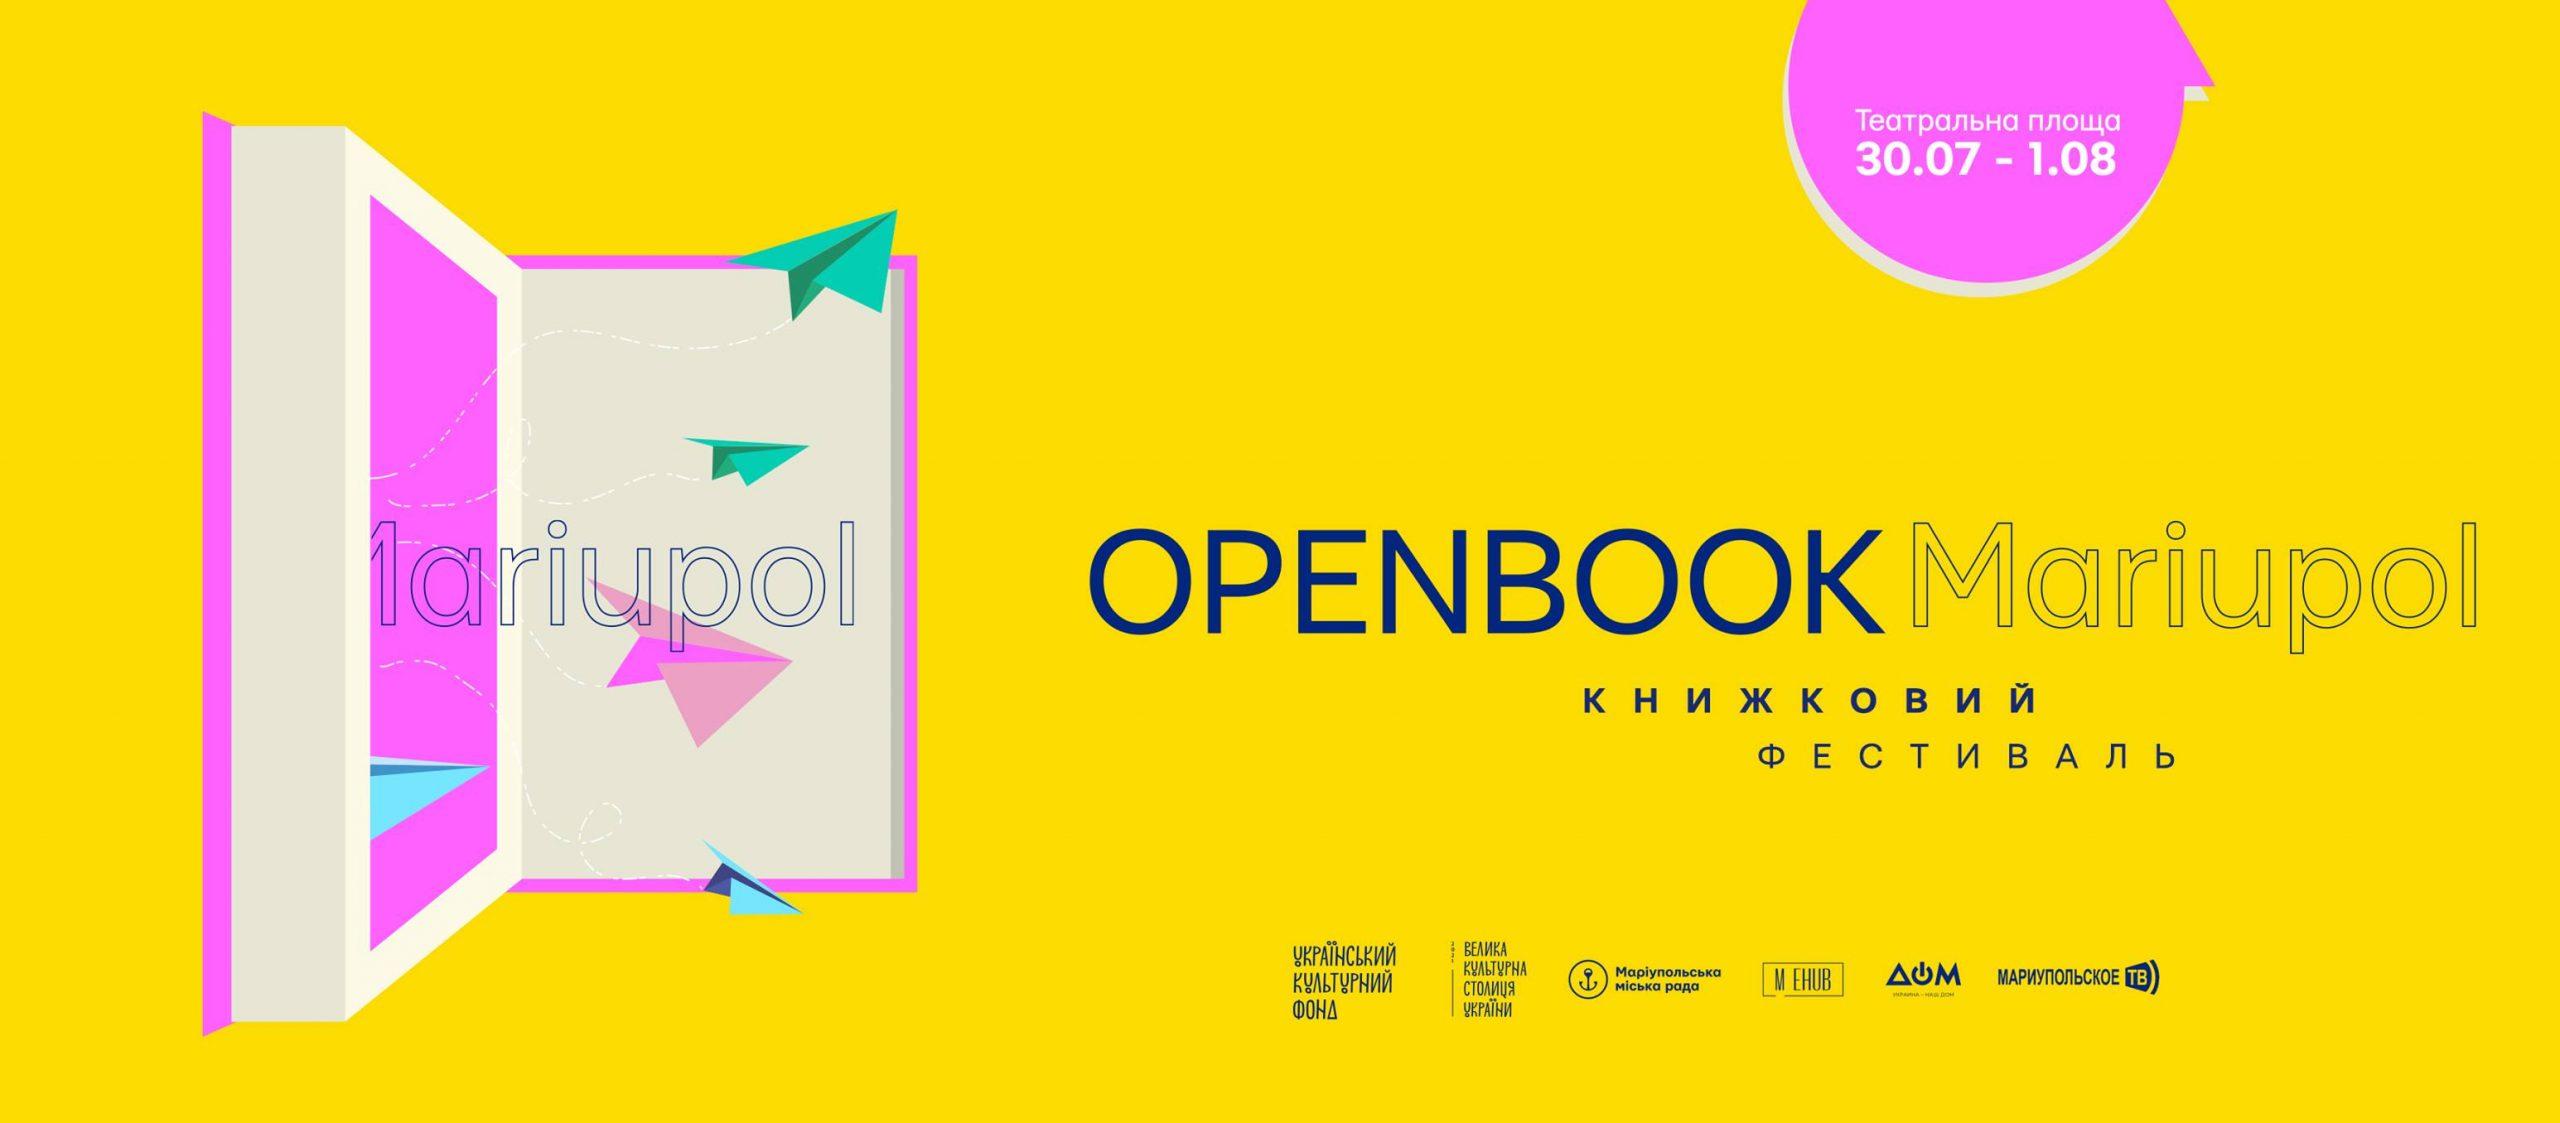 Mariupol Open Book: очікуємо на книжковий фестиваль в Маріуполі! • Маріуполь  туристичне місто